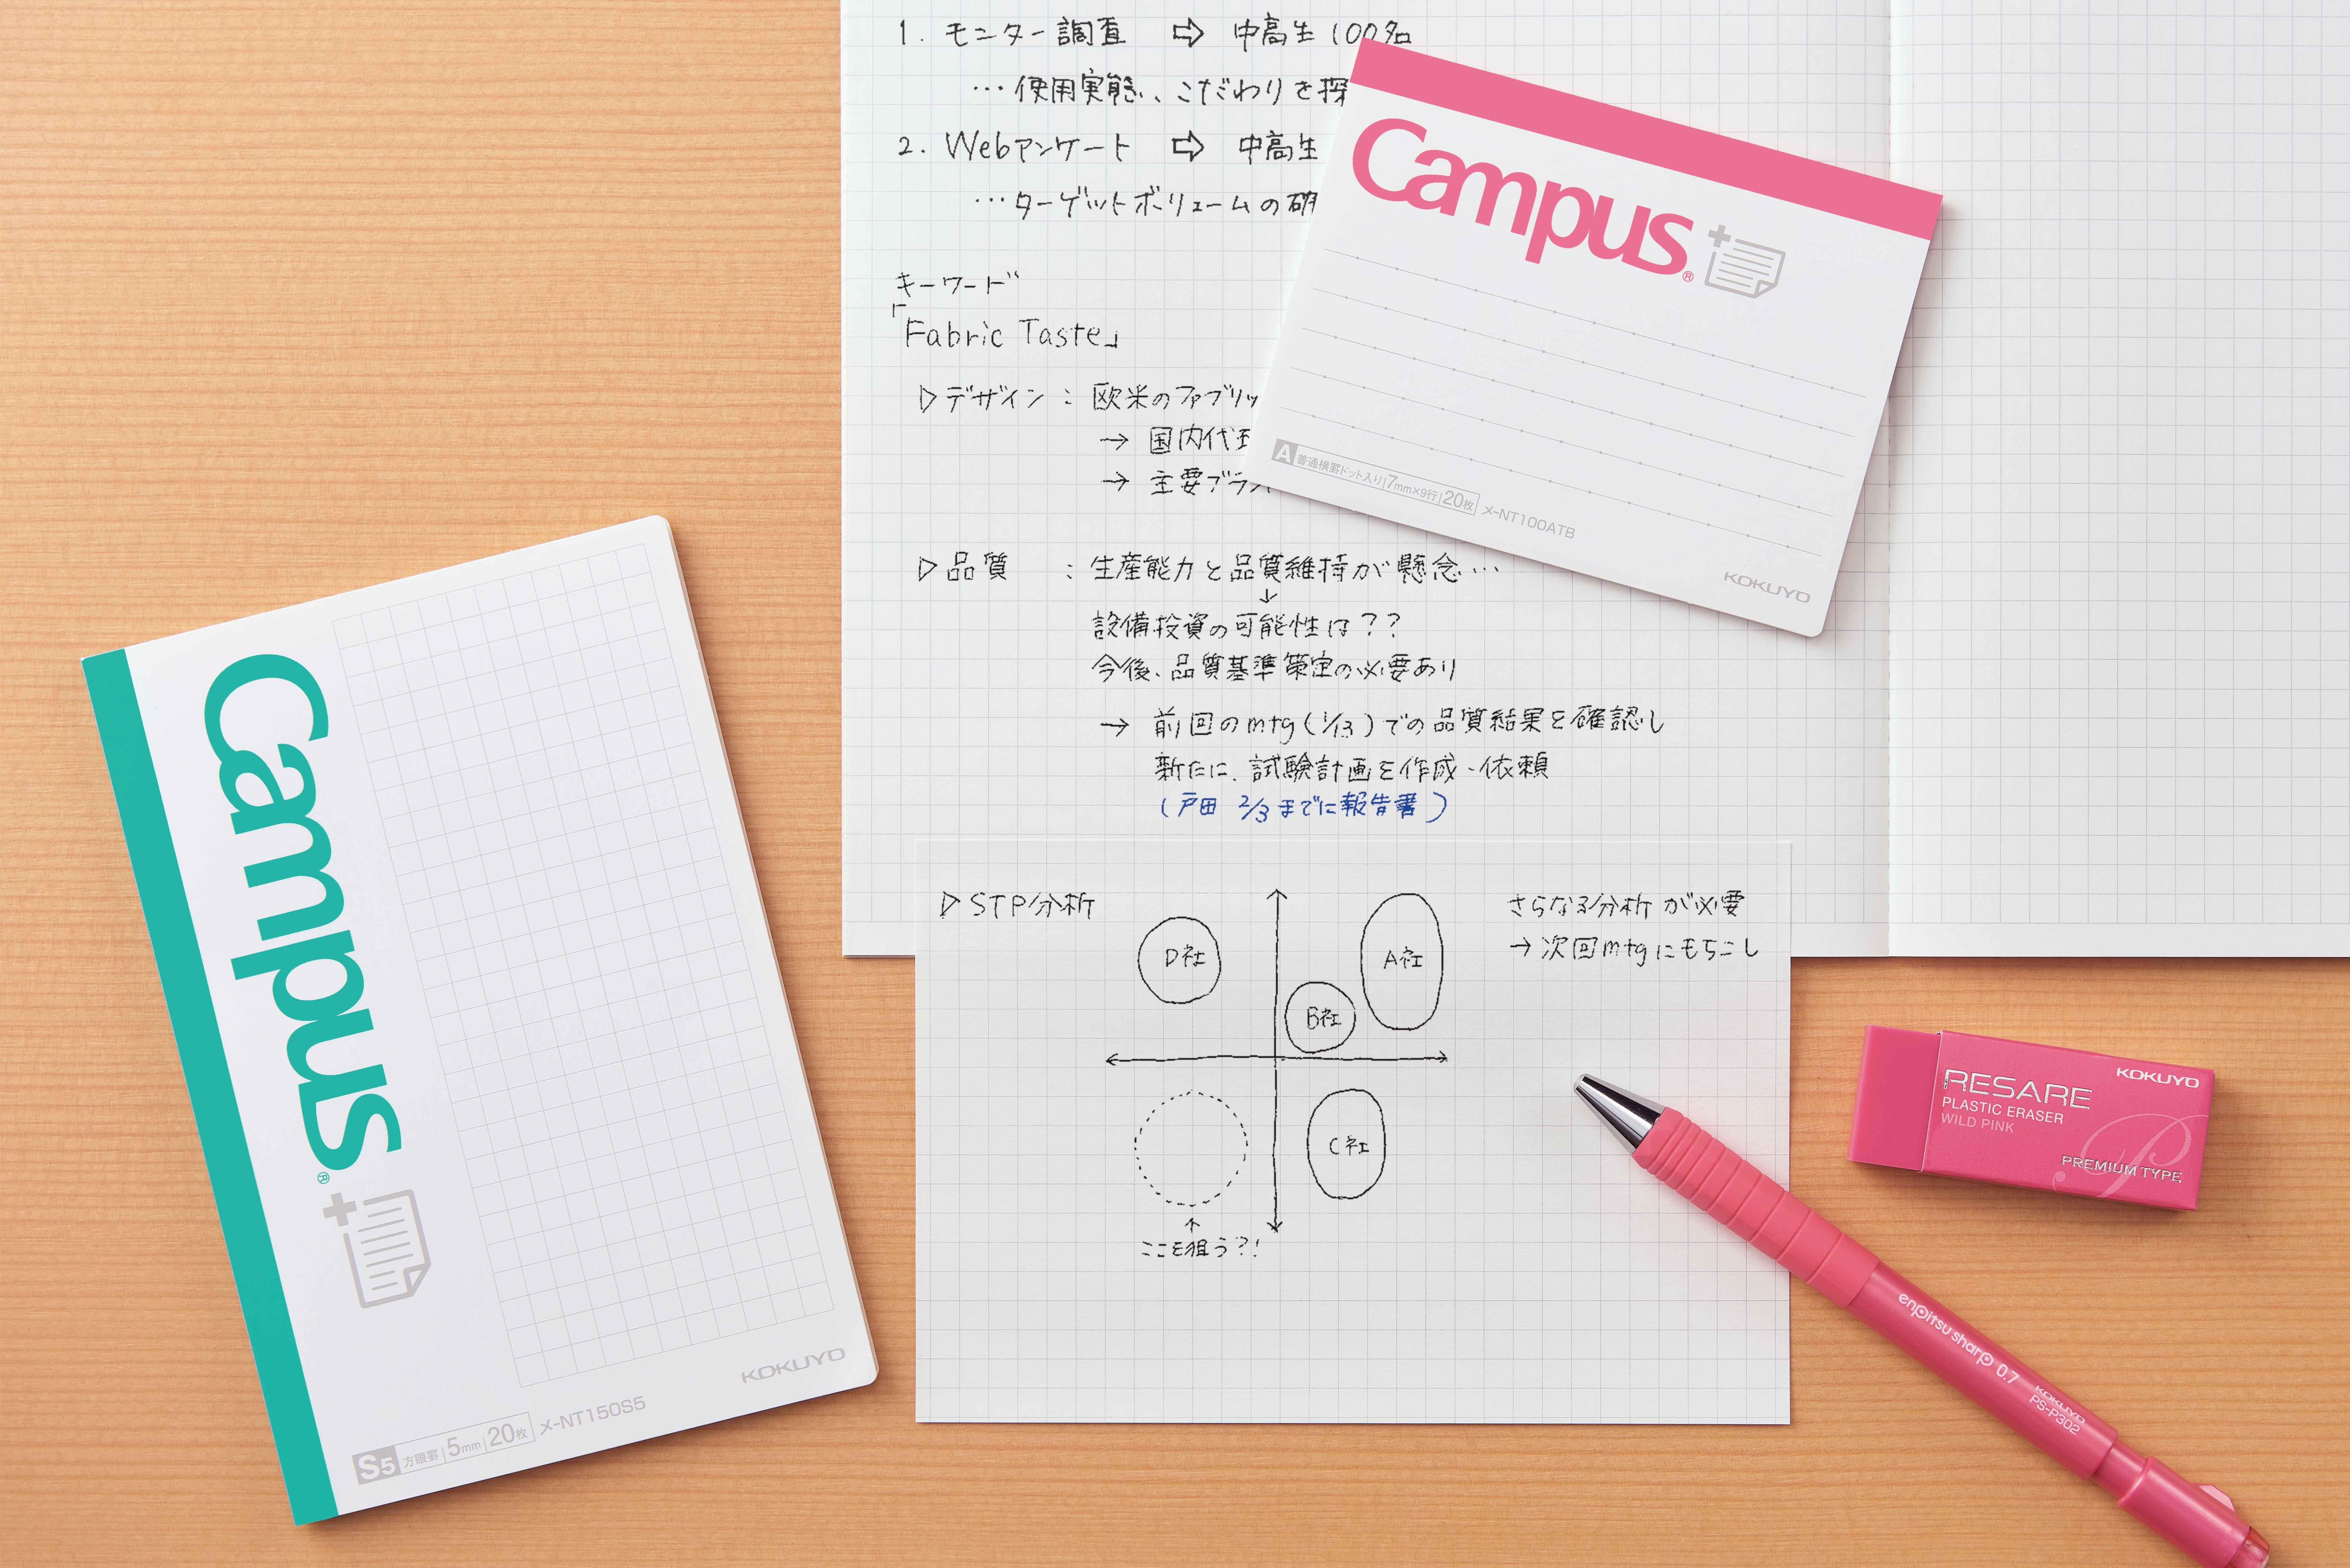 写真:「キャンパス まとめがはかどるノートふせん」使用イメージ